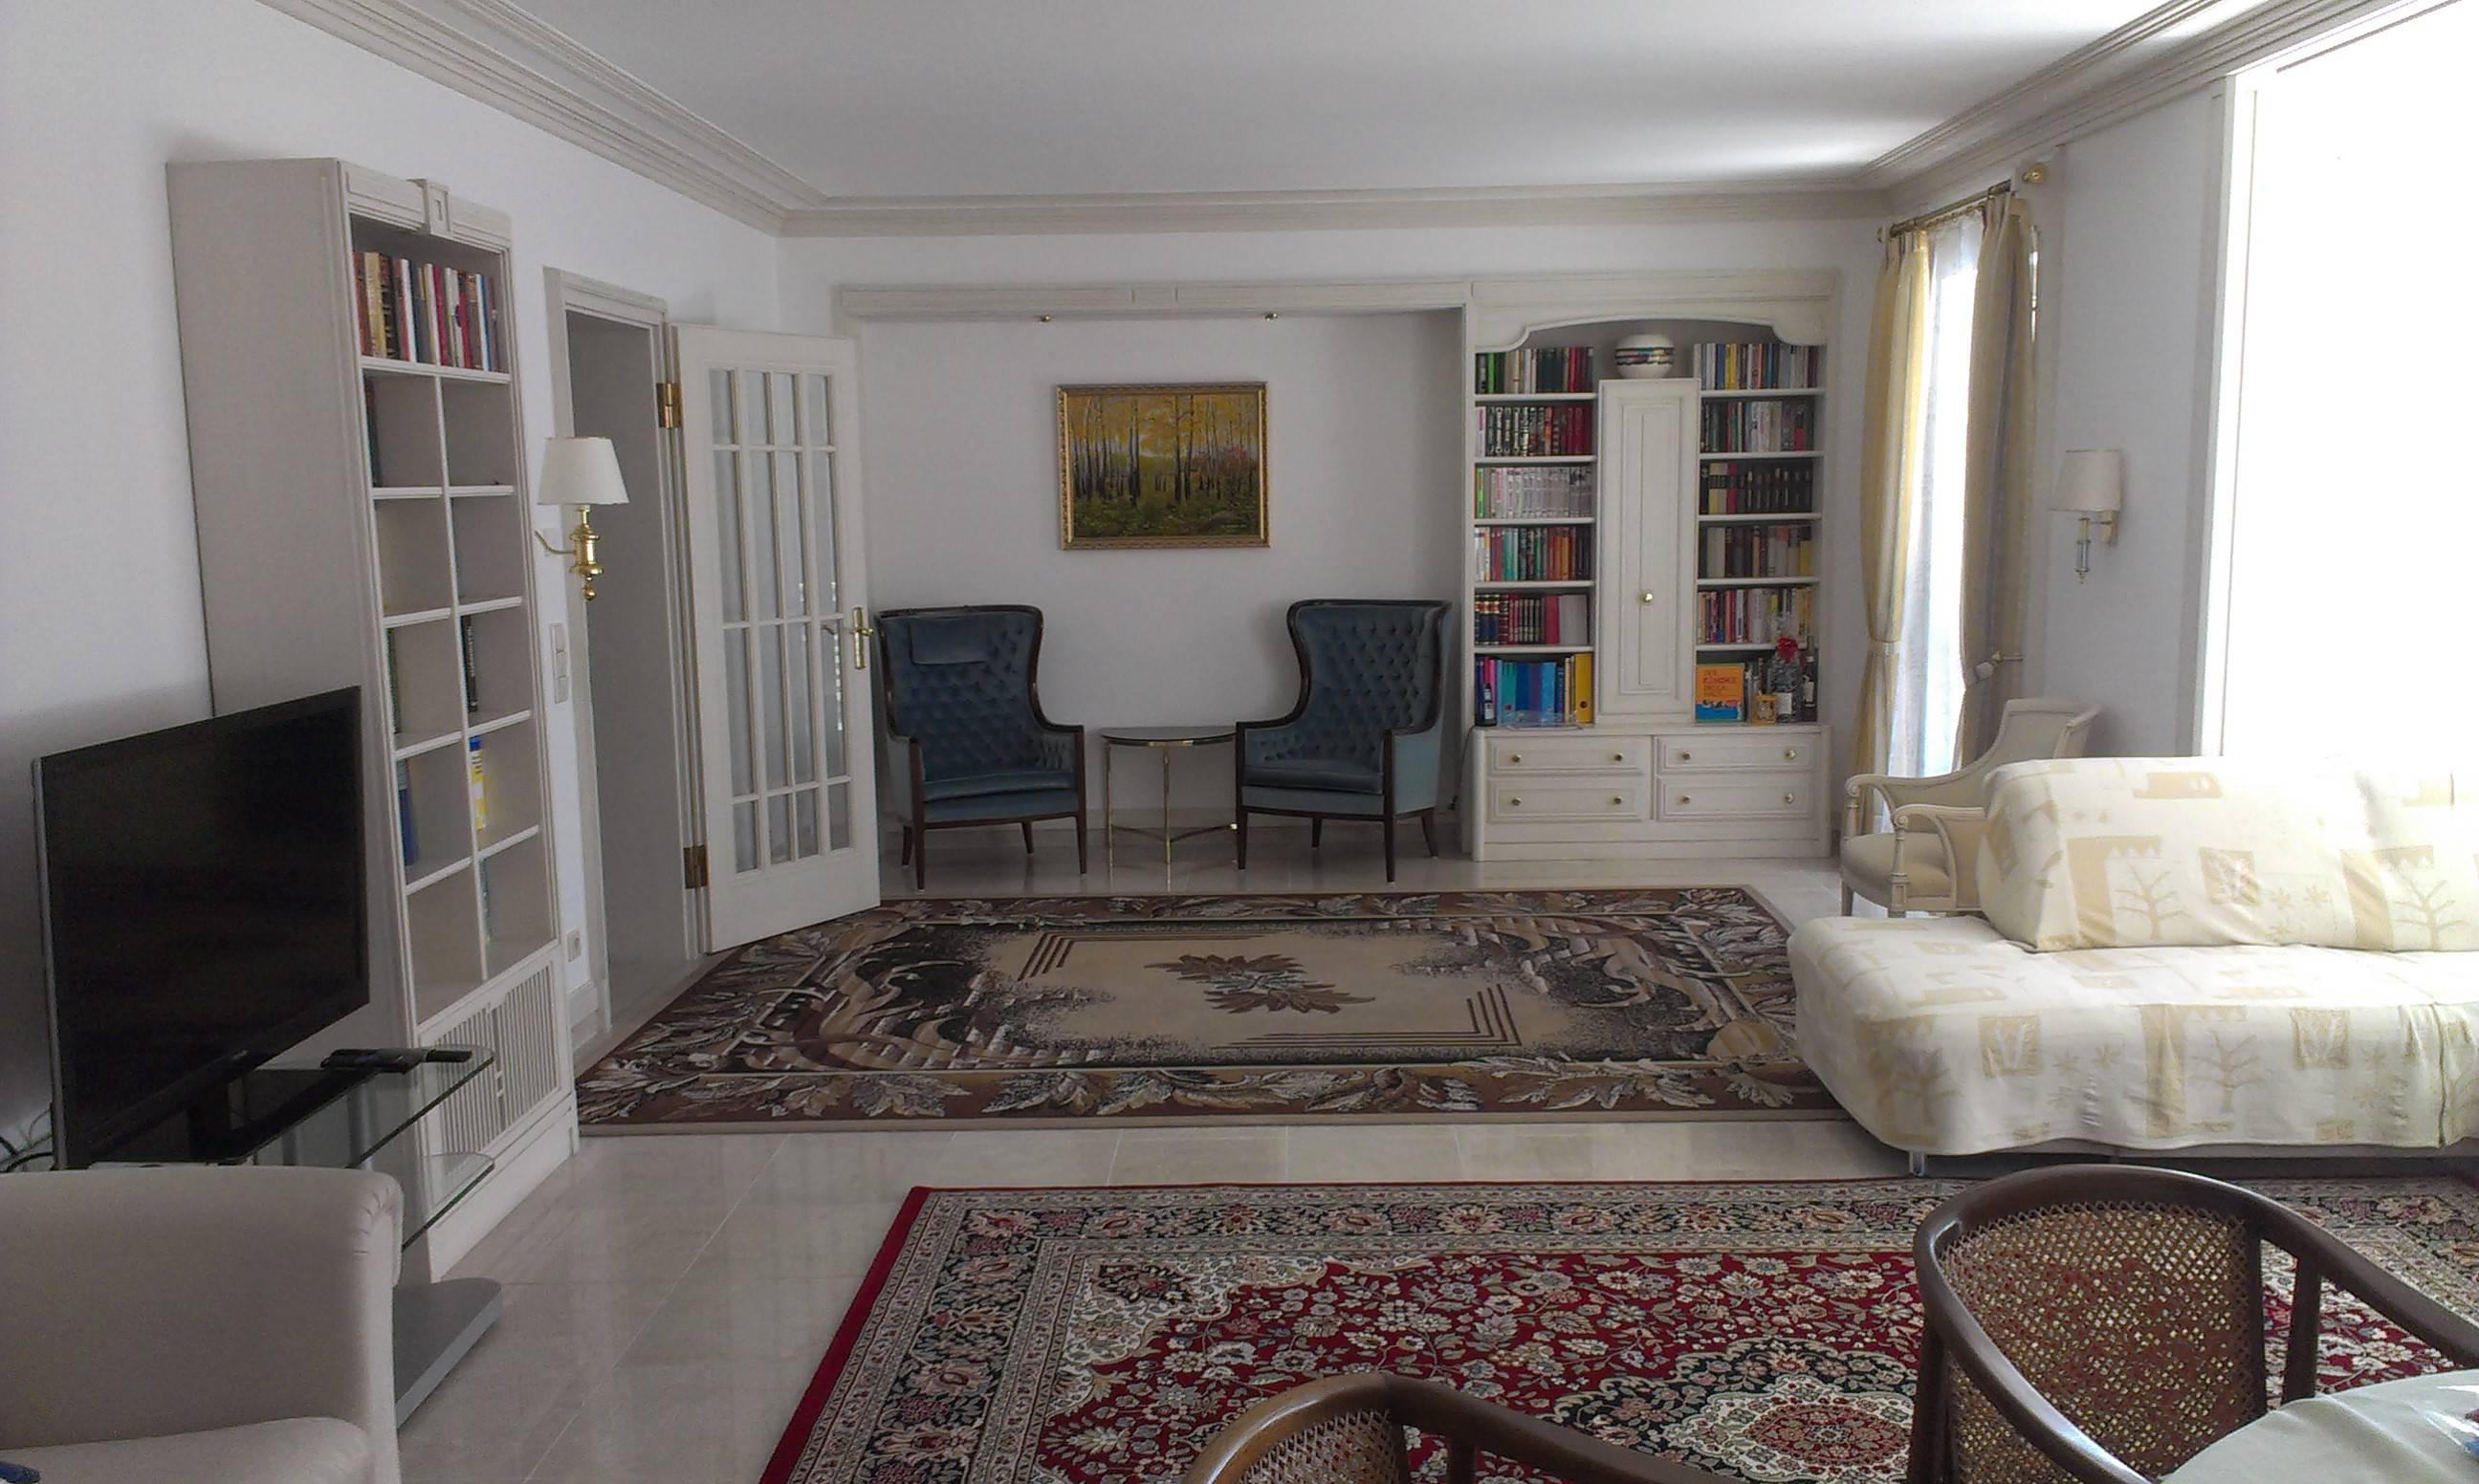 Фото №1 квартиры в Аугсбург за 650.000 евро евро